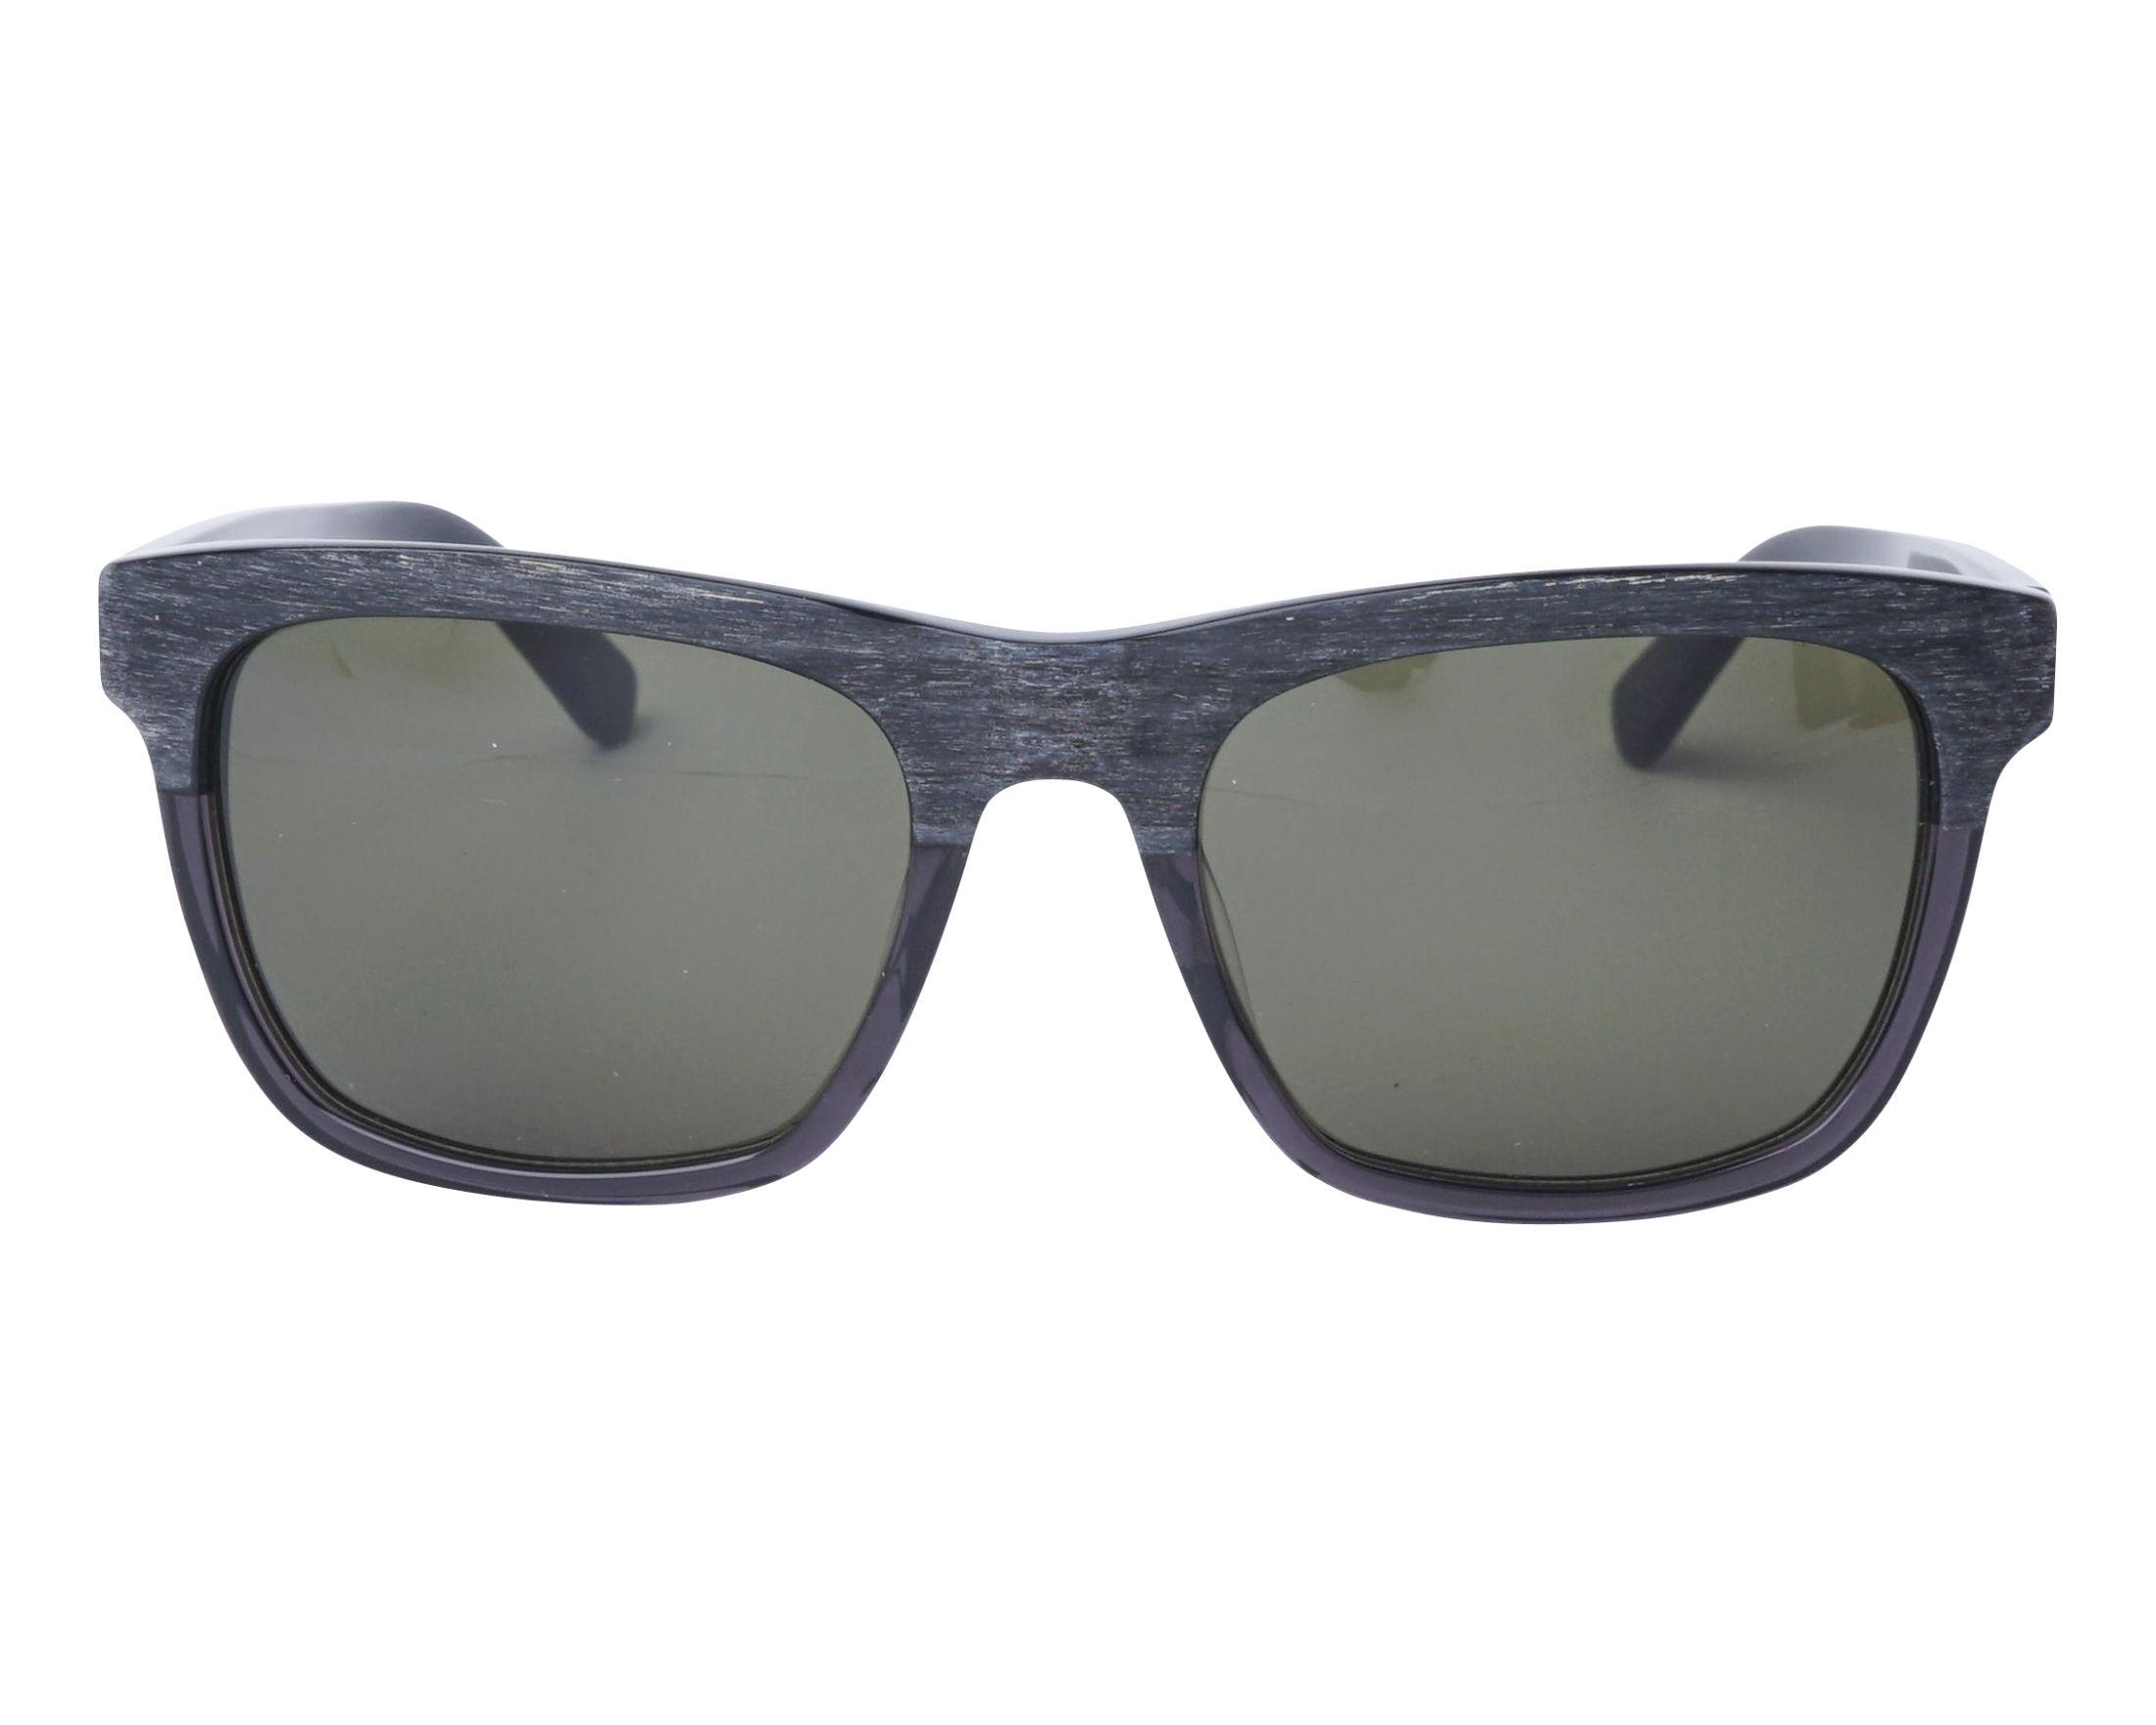 ec59e046b4914 Gafas de sol Calvin Klein CK-7961-S 014 55-19 Negra Gris